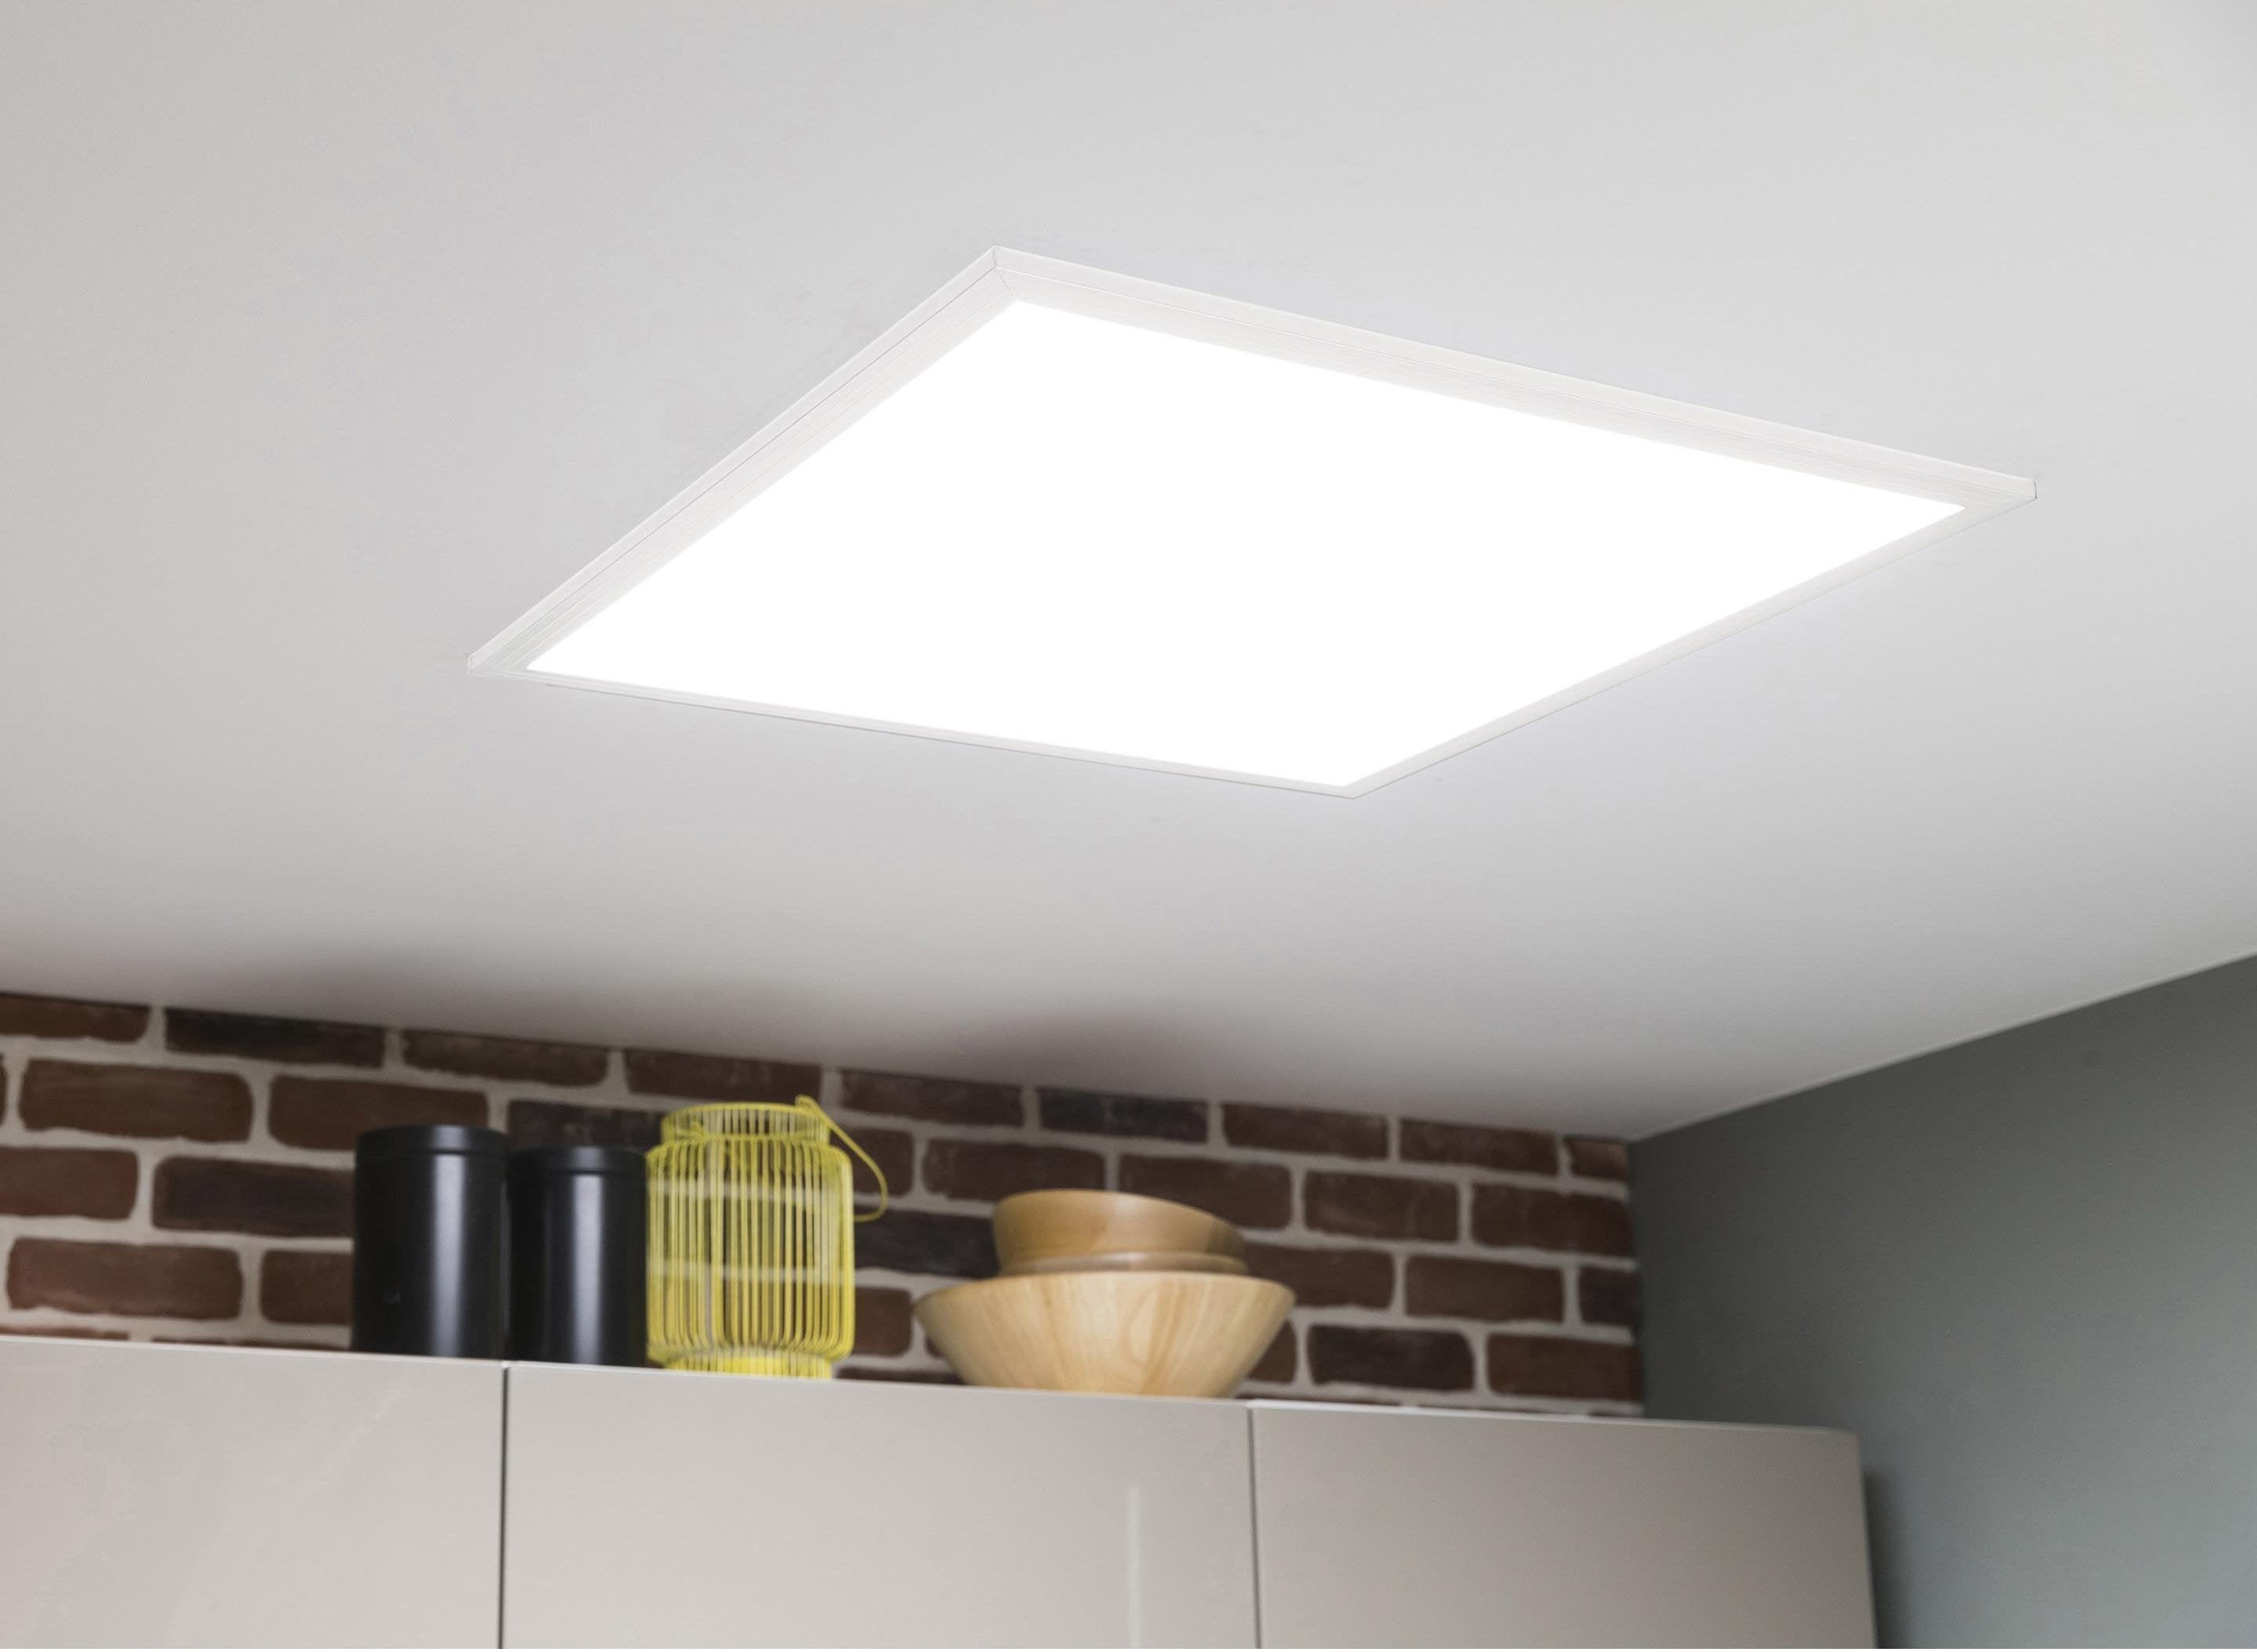 Eclairage Cuisine Led Plafond panneau led intégrée carré 60 x 60 cm, 40 w, blanc froid